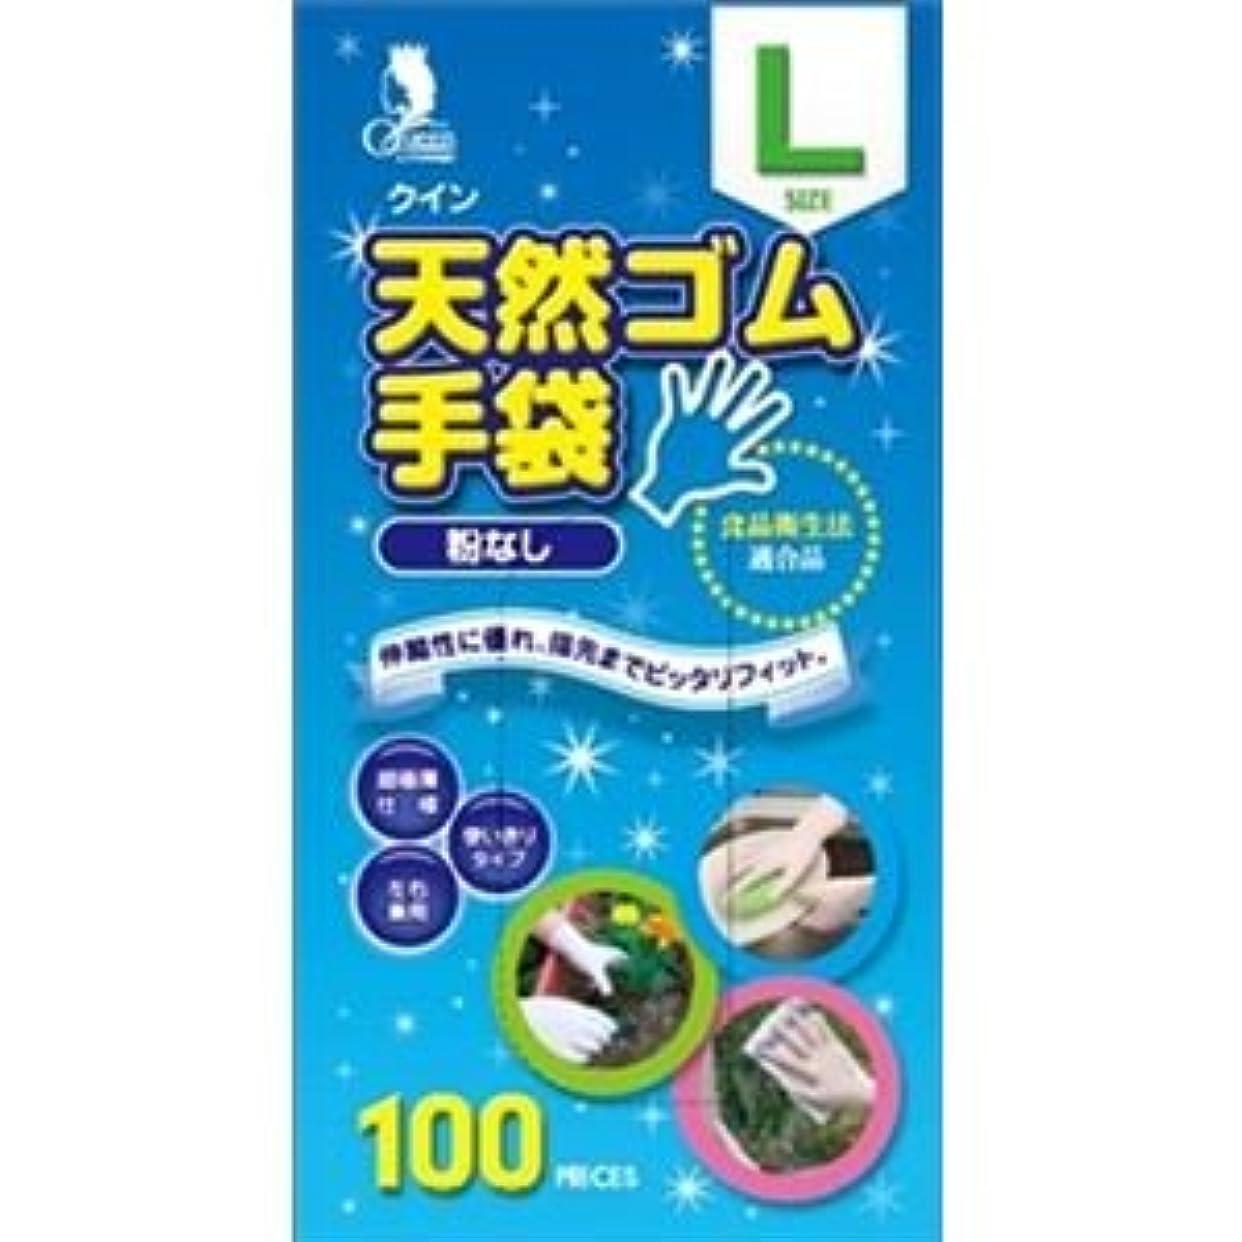 不均一ずるいビタミン(まとめ)宇都宮製作 クイン天然ゴム手袋 L 100枚入 (N) 【×3点セット】